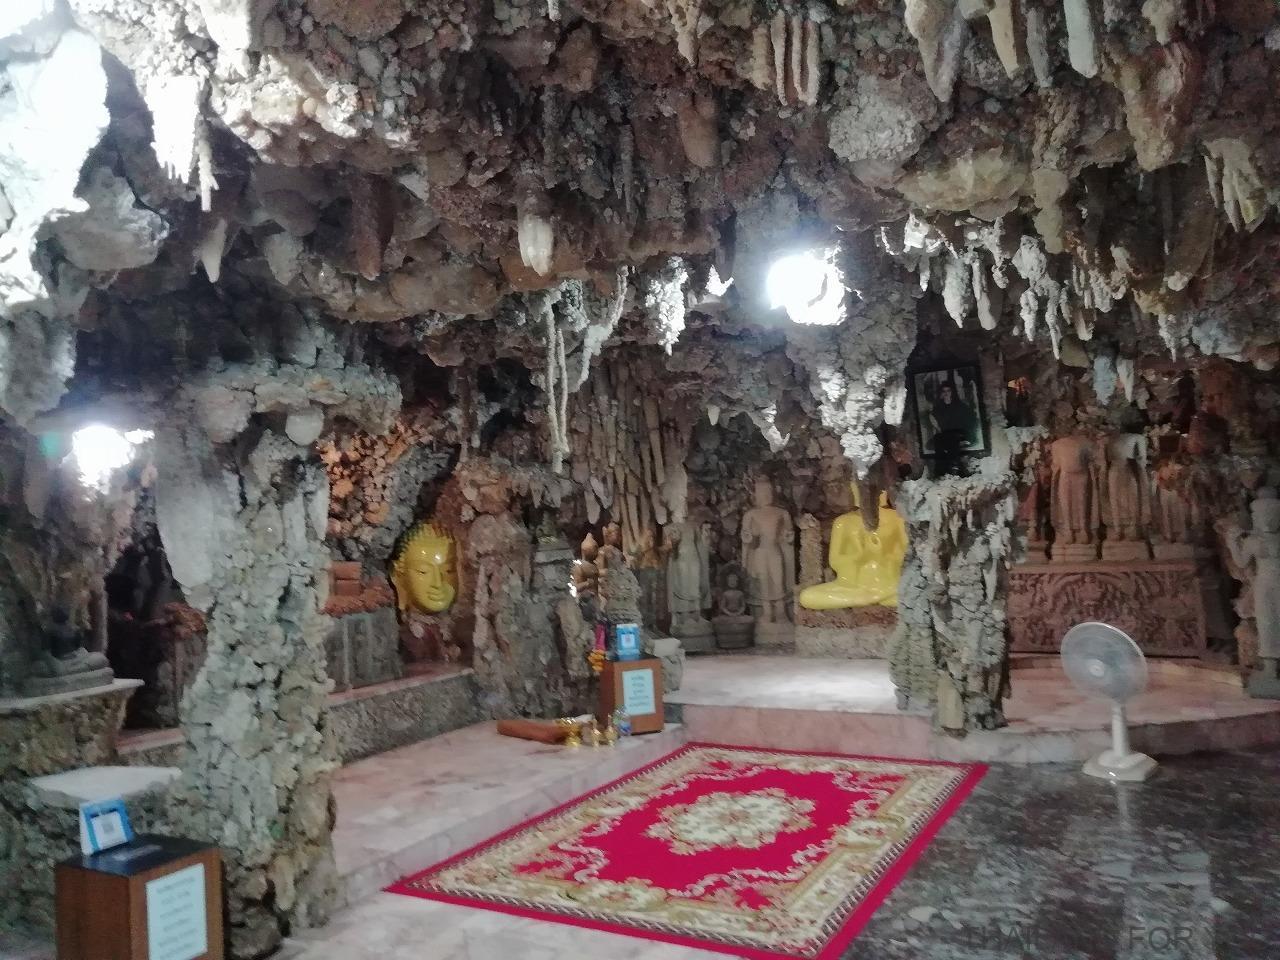 ワット・パーヤップ コラート 寺 洞窟 小部屋 写真